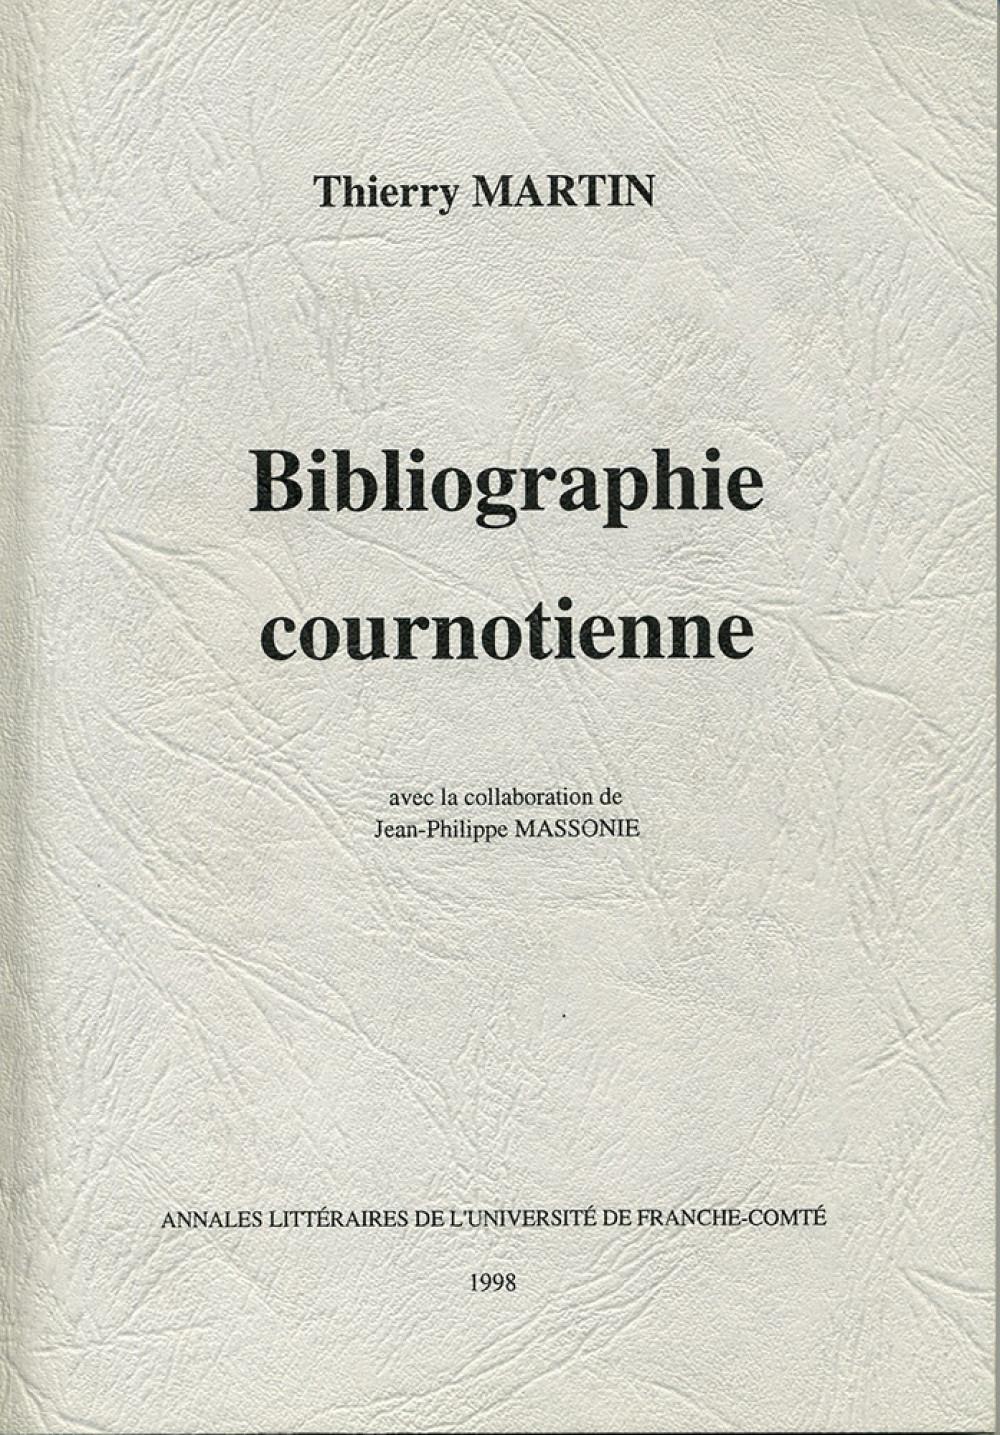 Bibliographie cournotienne